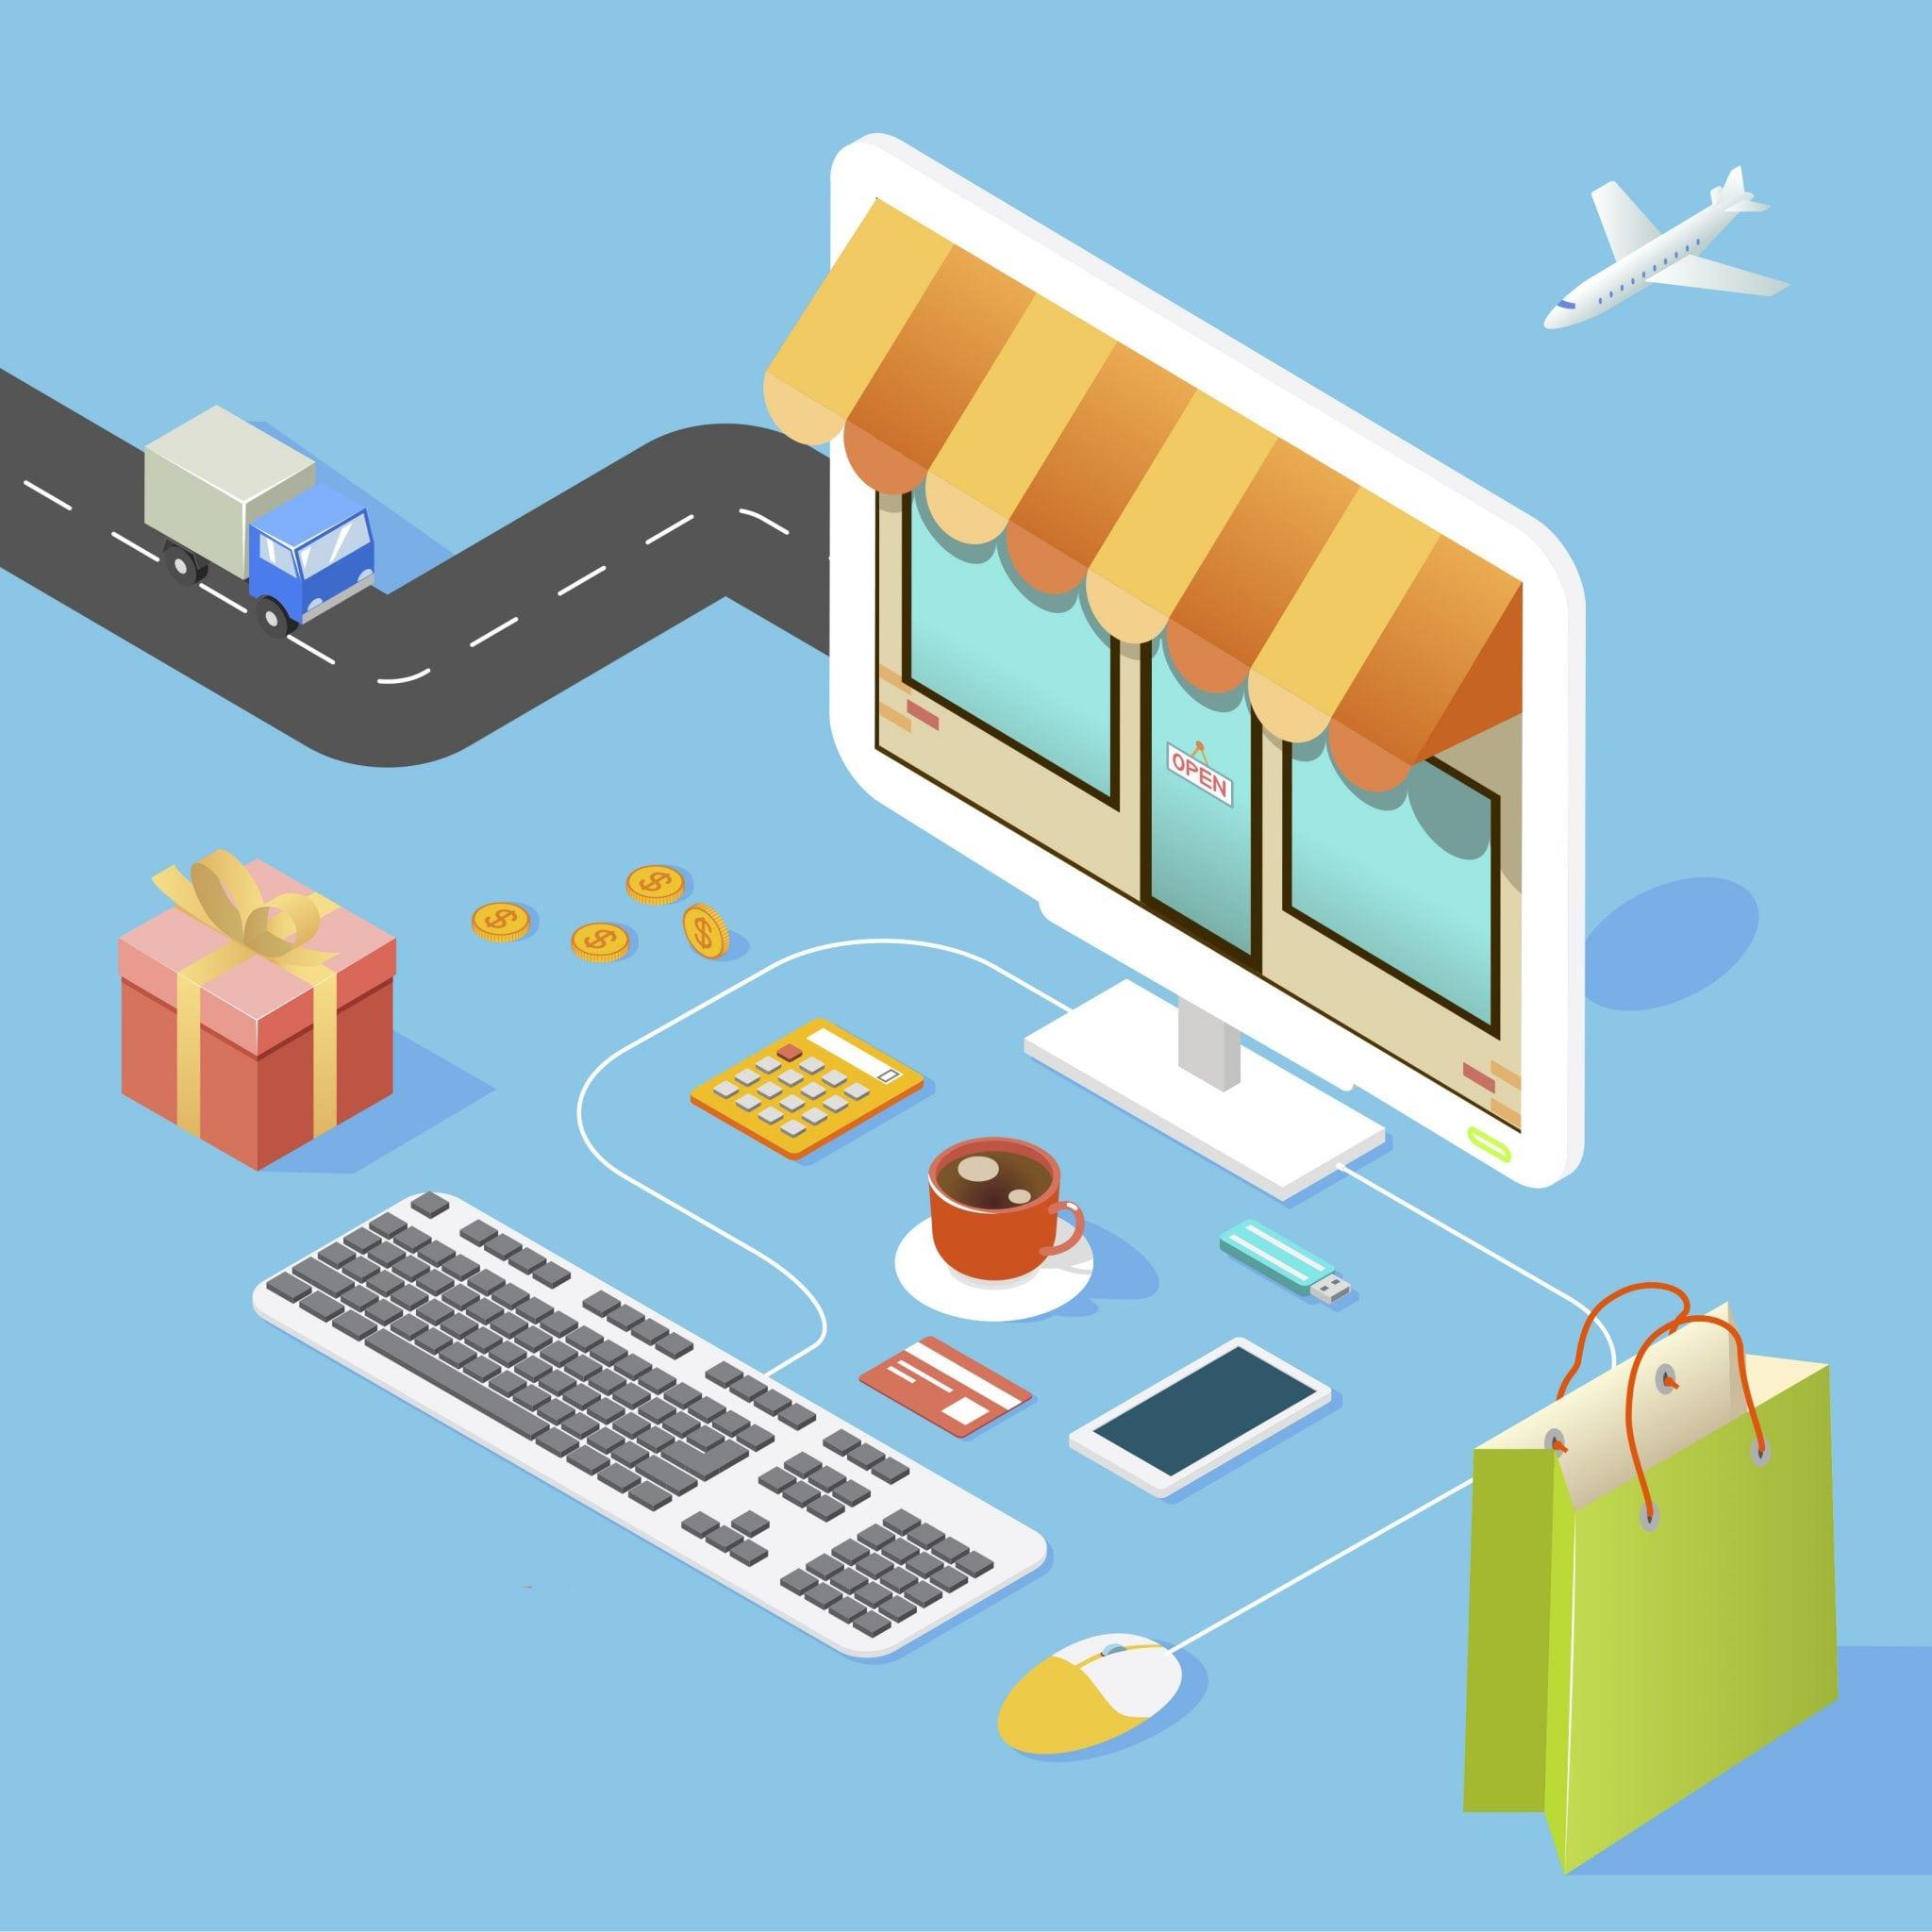 case study about online shop websites